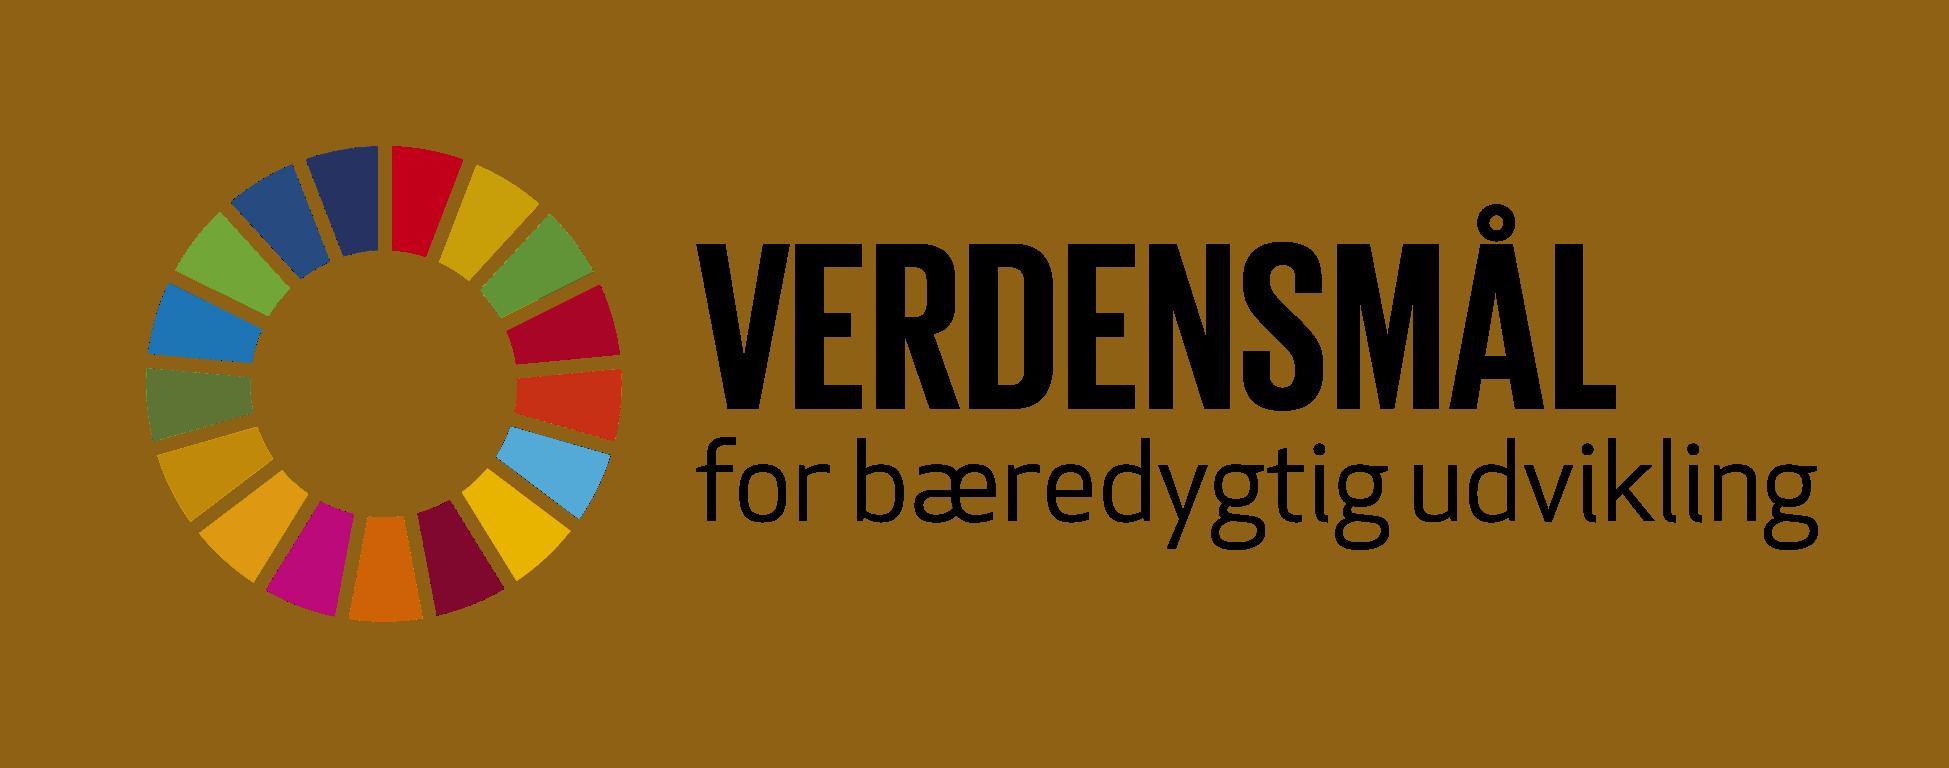 Logo for verdensmål